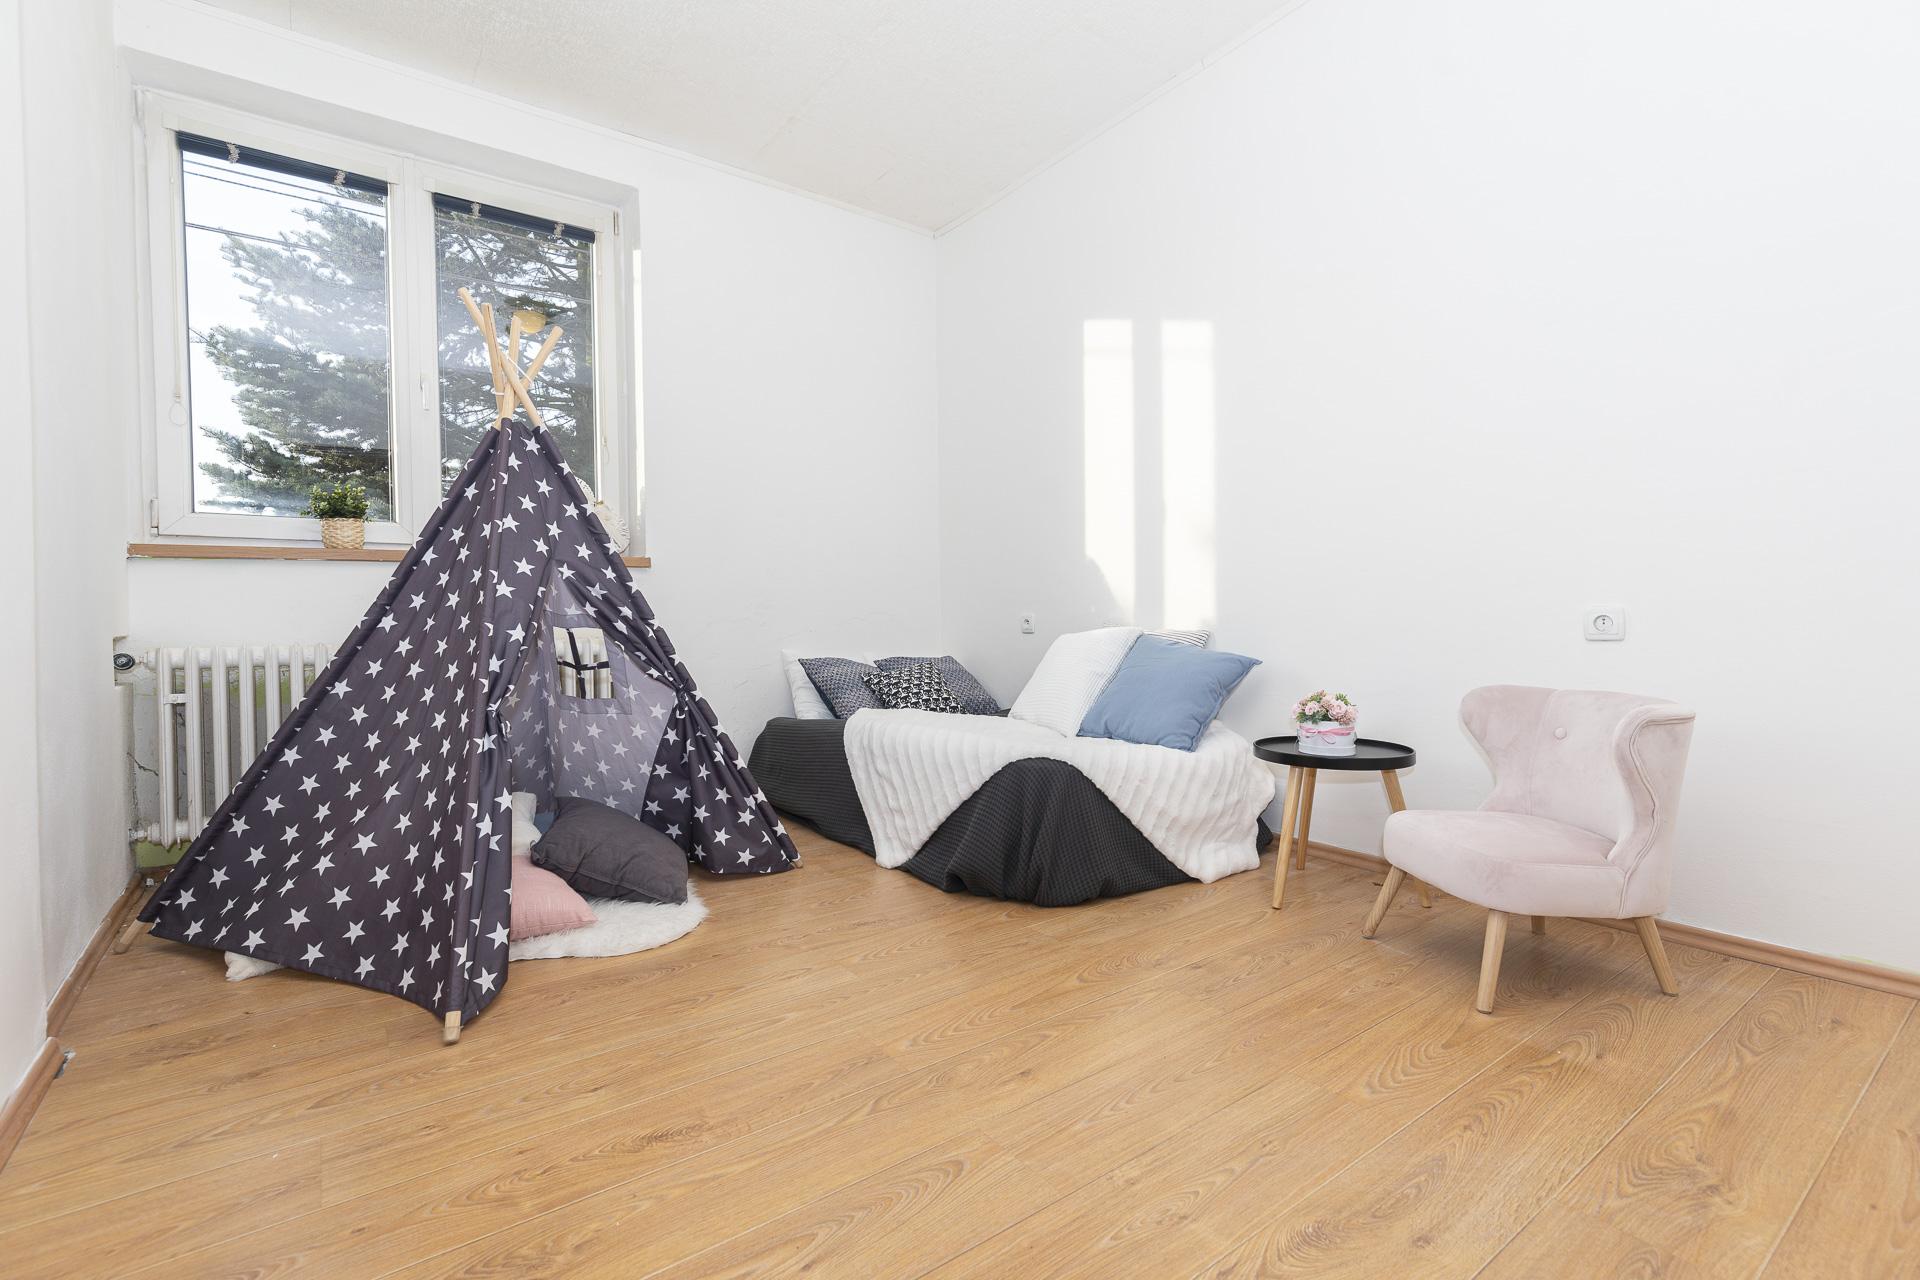 dětský pokoj s nábytkem, dětským stanem a oknem